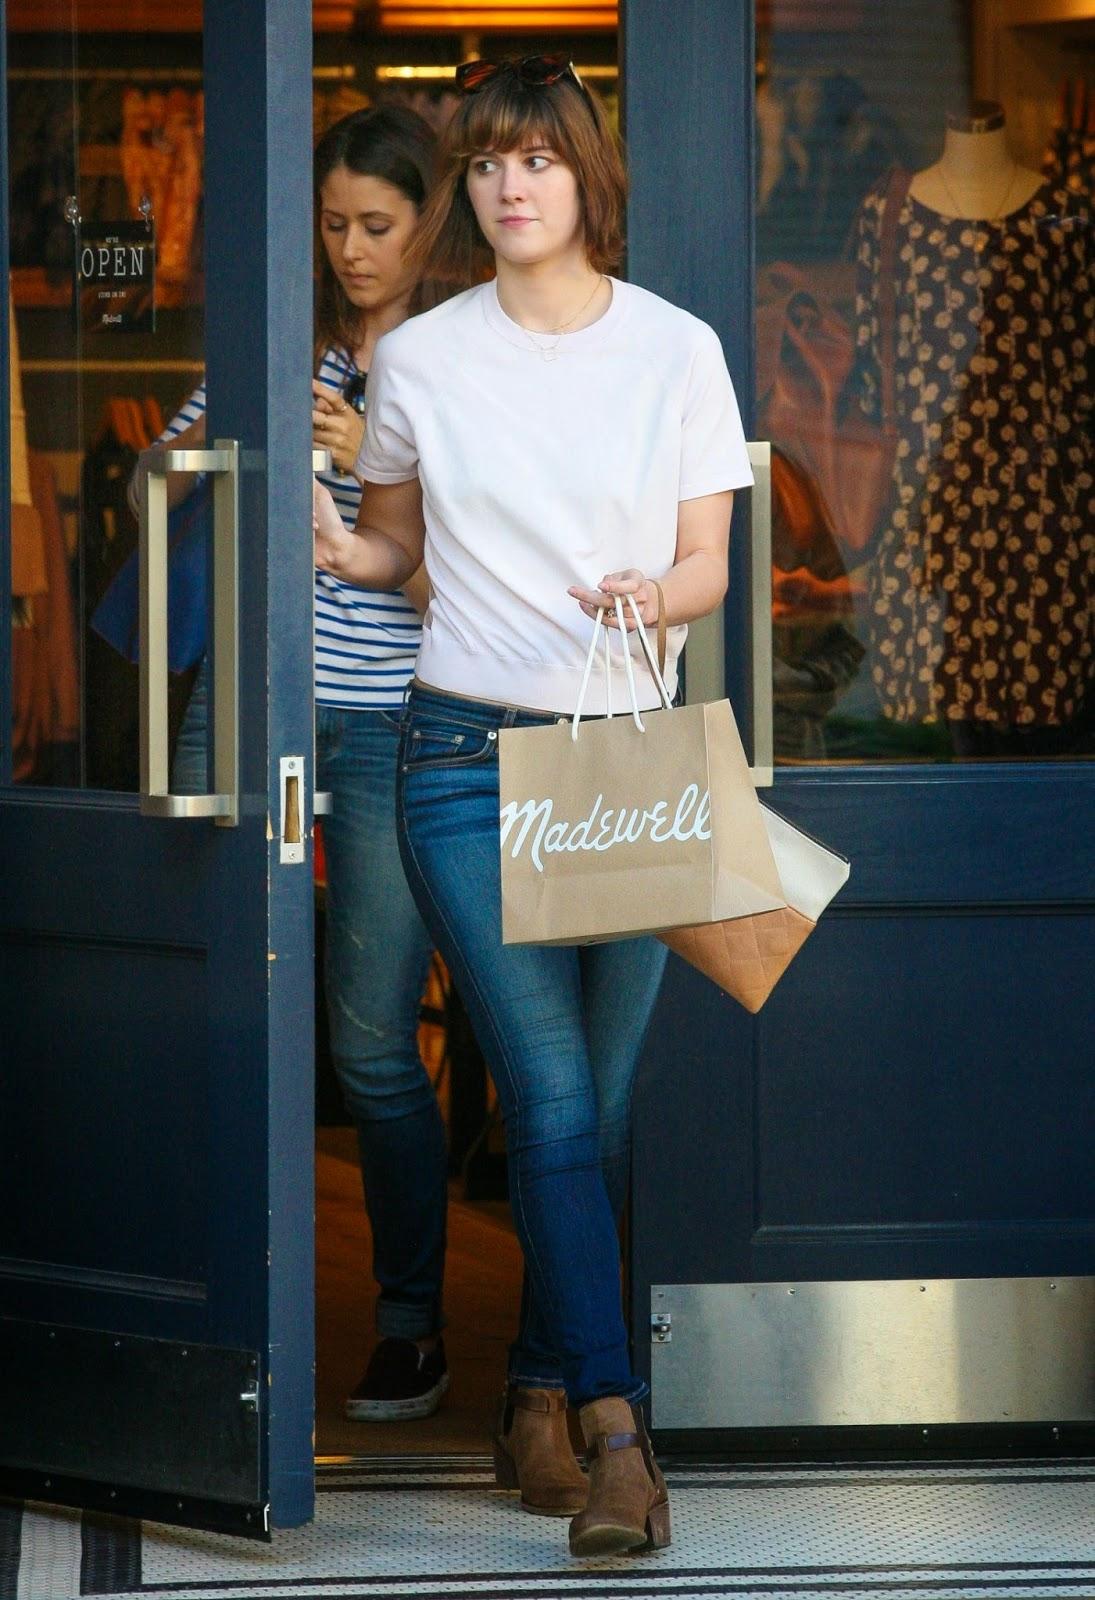 الممثلة الأمريكية ماري إليزابيث وينستد في سروال جينز ضيق خلال تنزهها ويست هوليوود